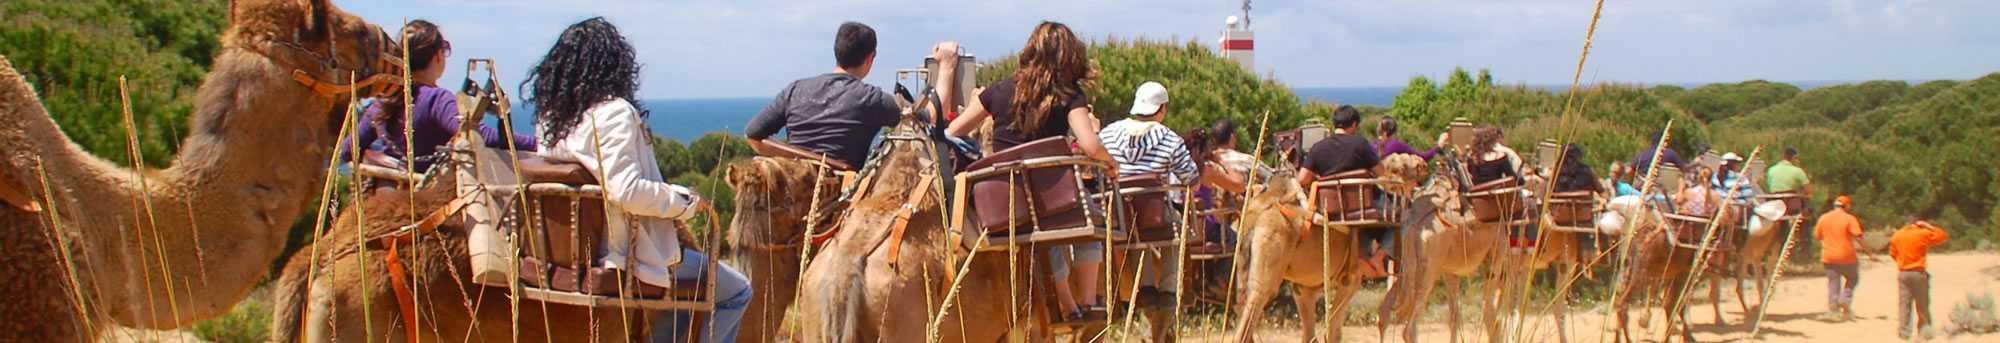 Ruta en Camello - Mojacar